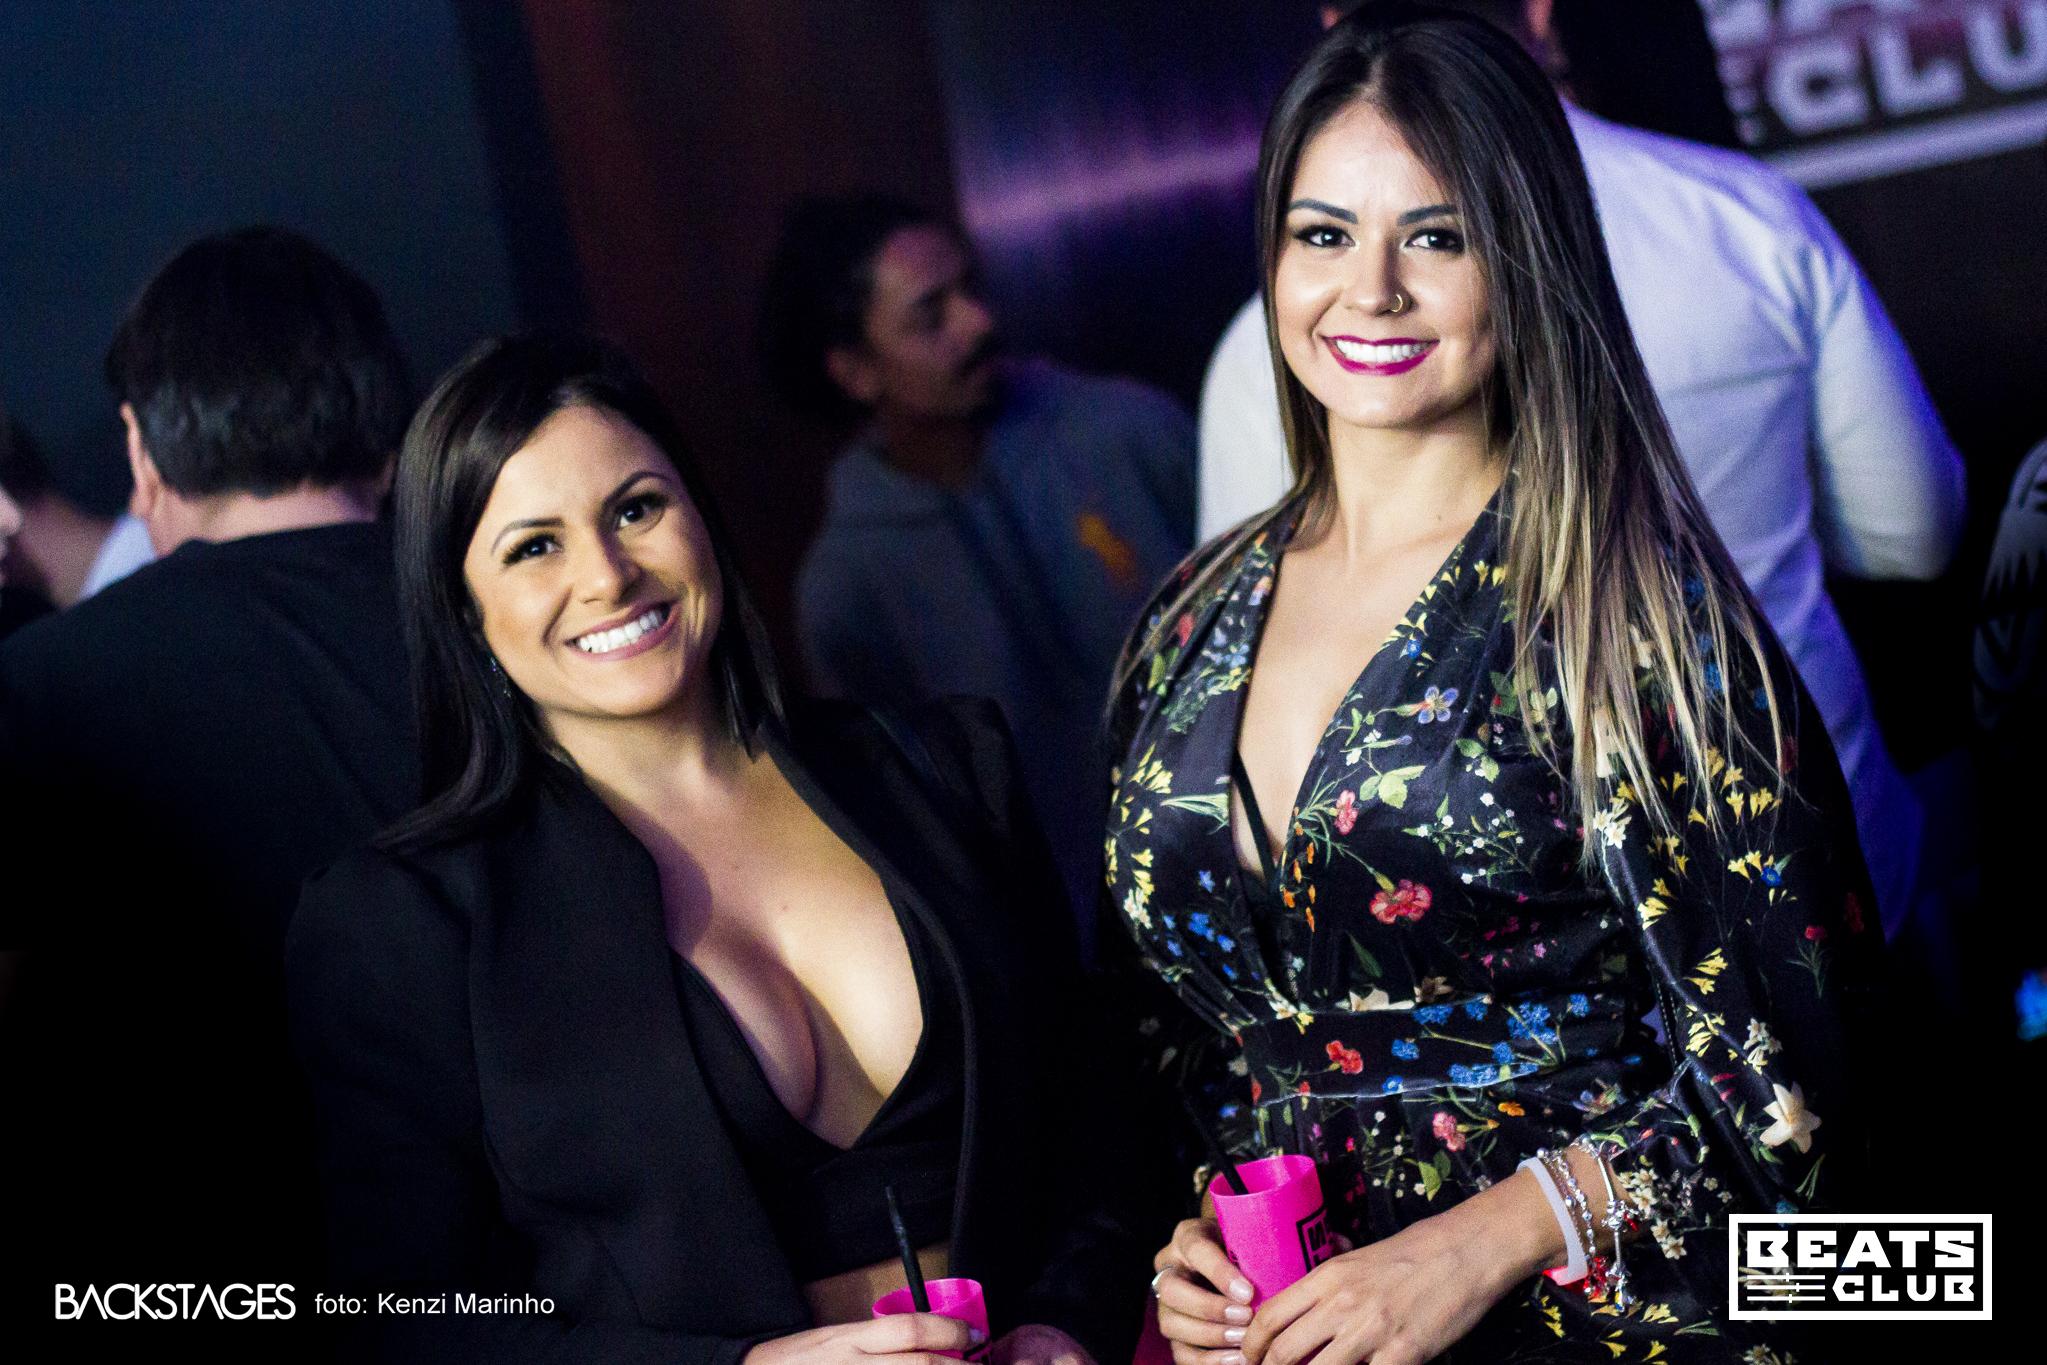 Beats Club - Inauguração 06.05.2017 - Kenzi Marinho (42)